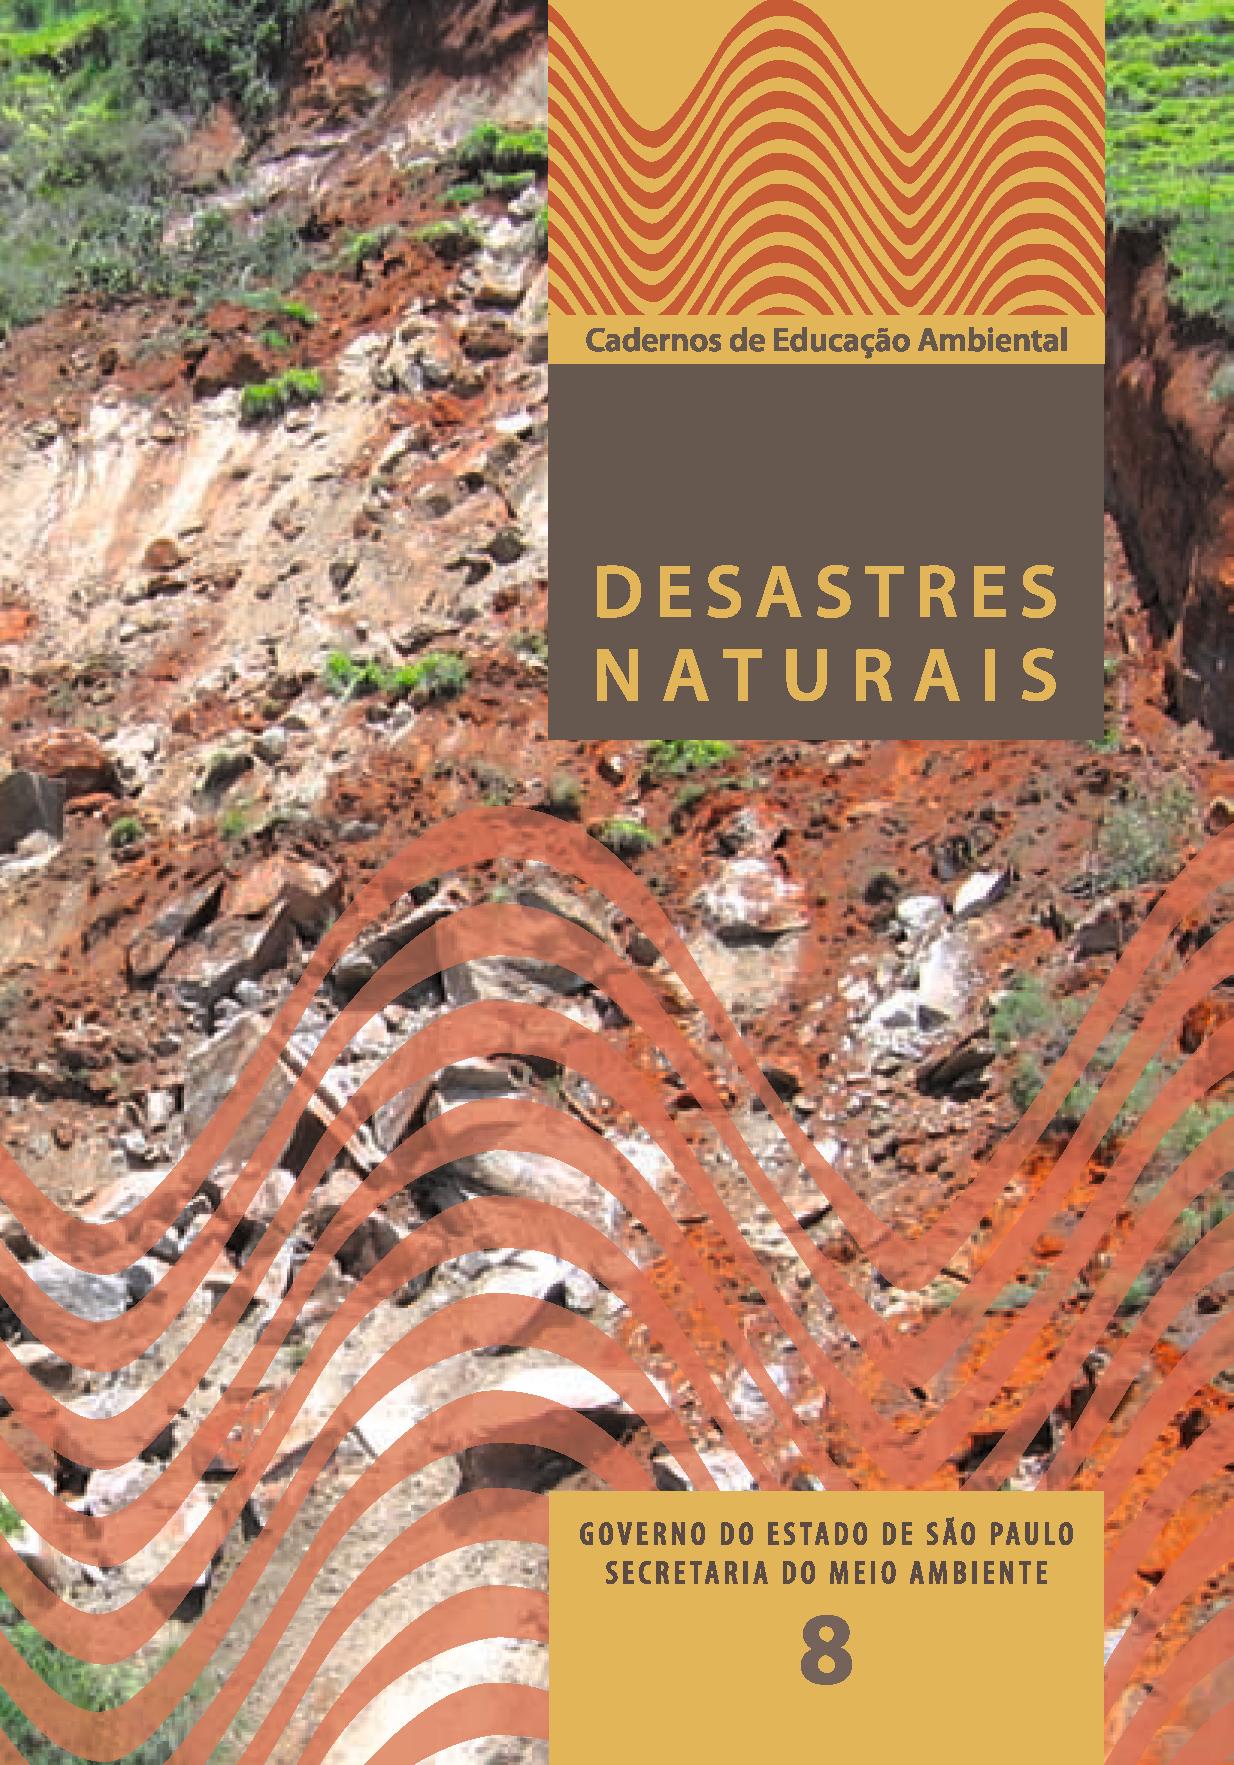 Caderno 8 – Desastres Naturais